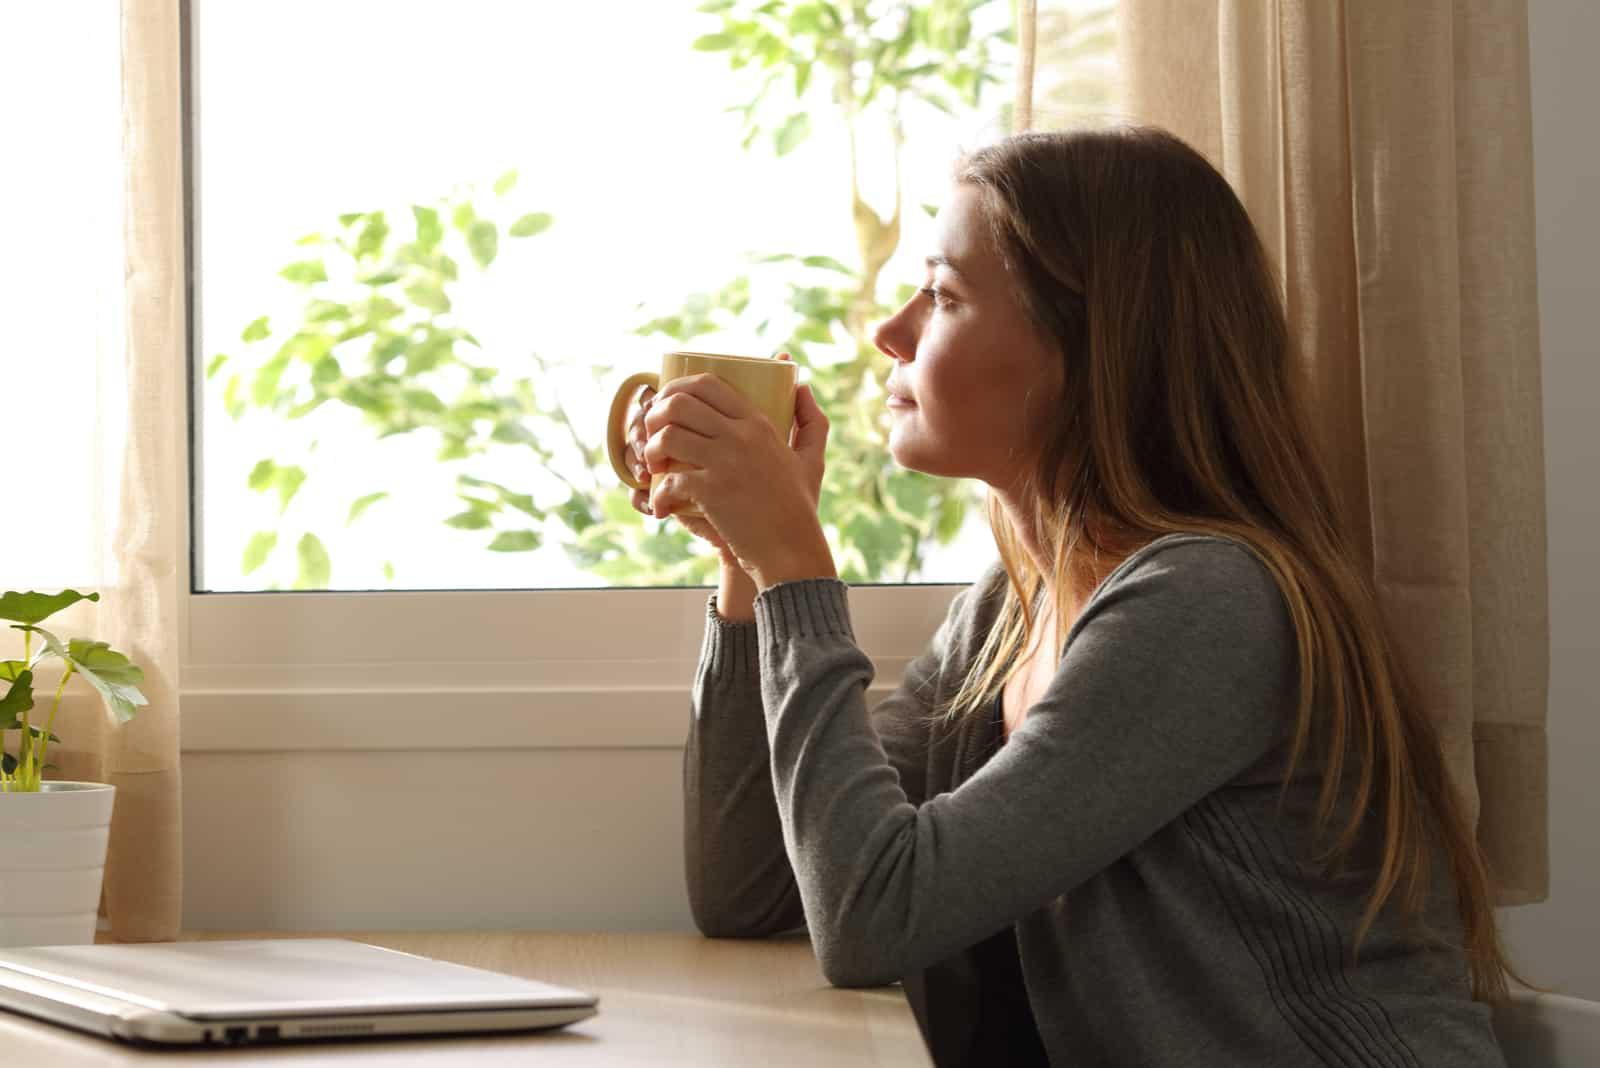 femme détendue regardant à travers une fenêtre